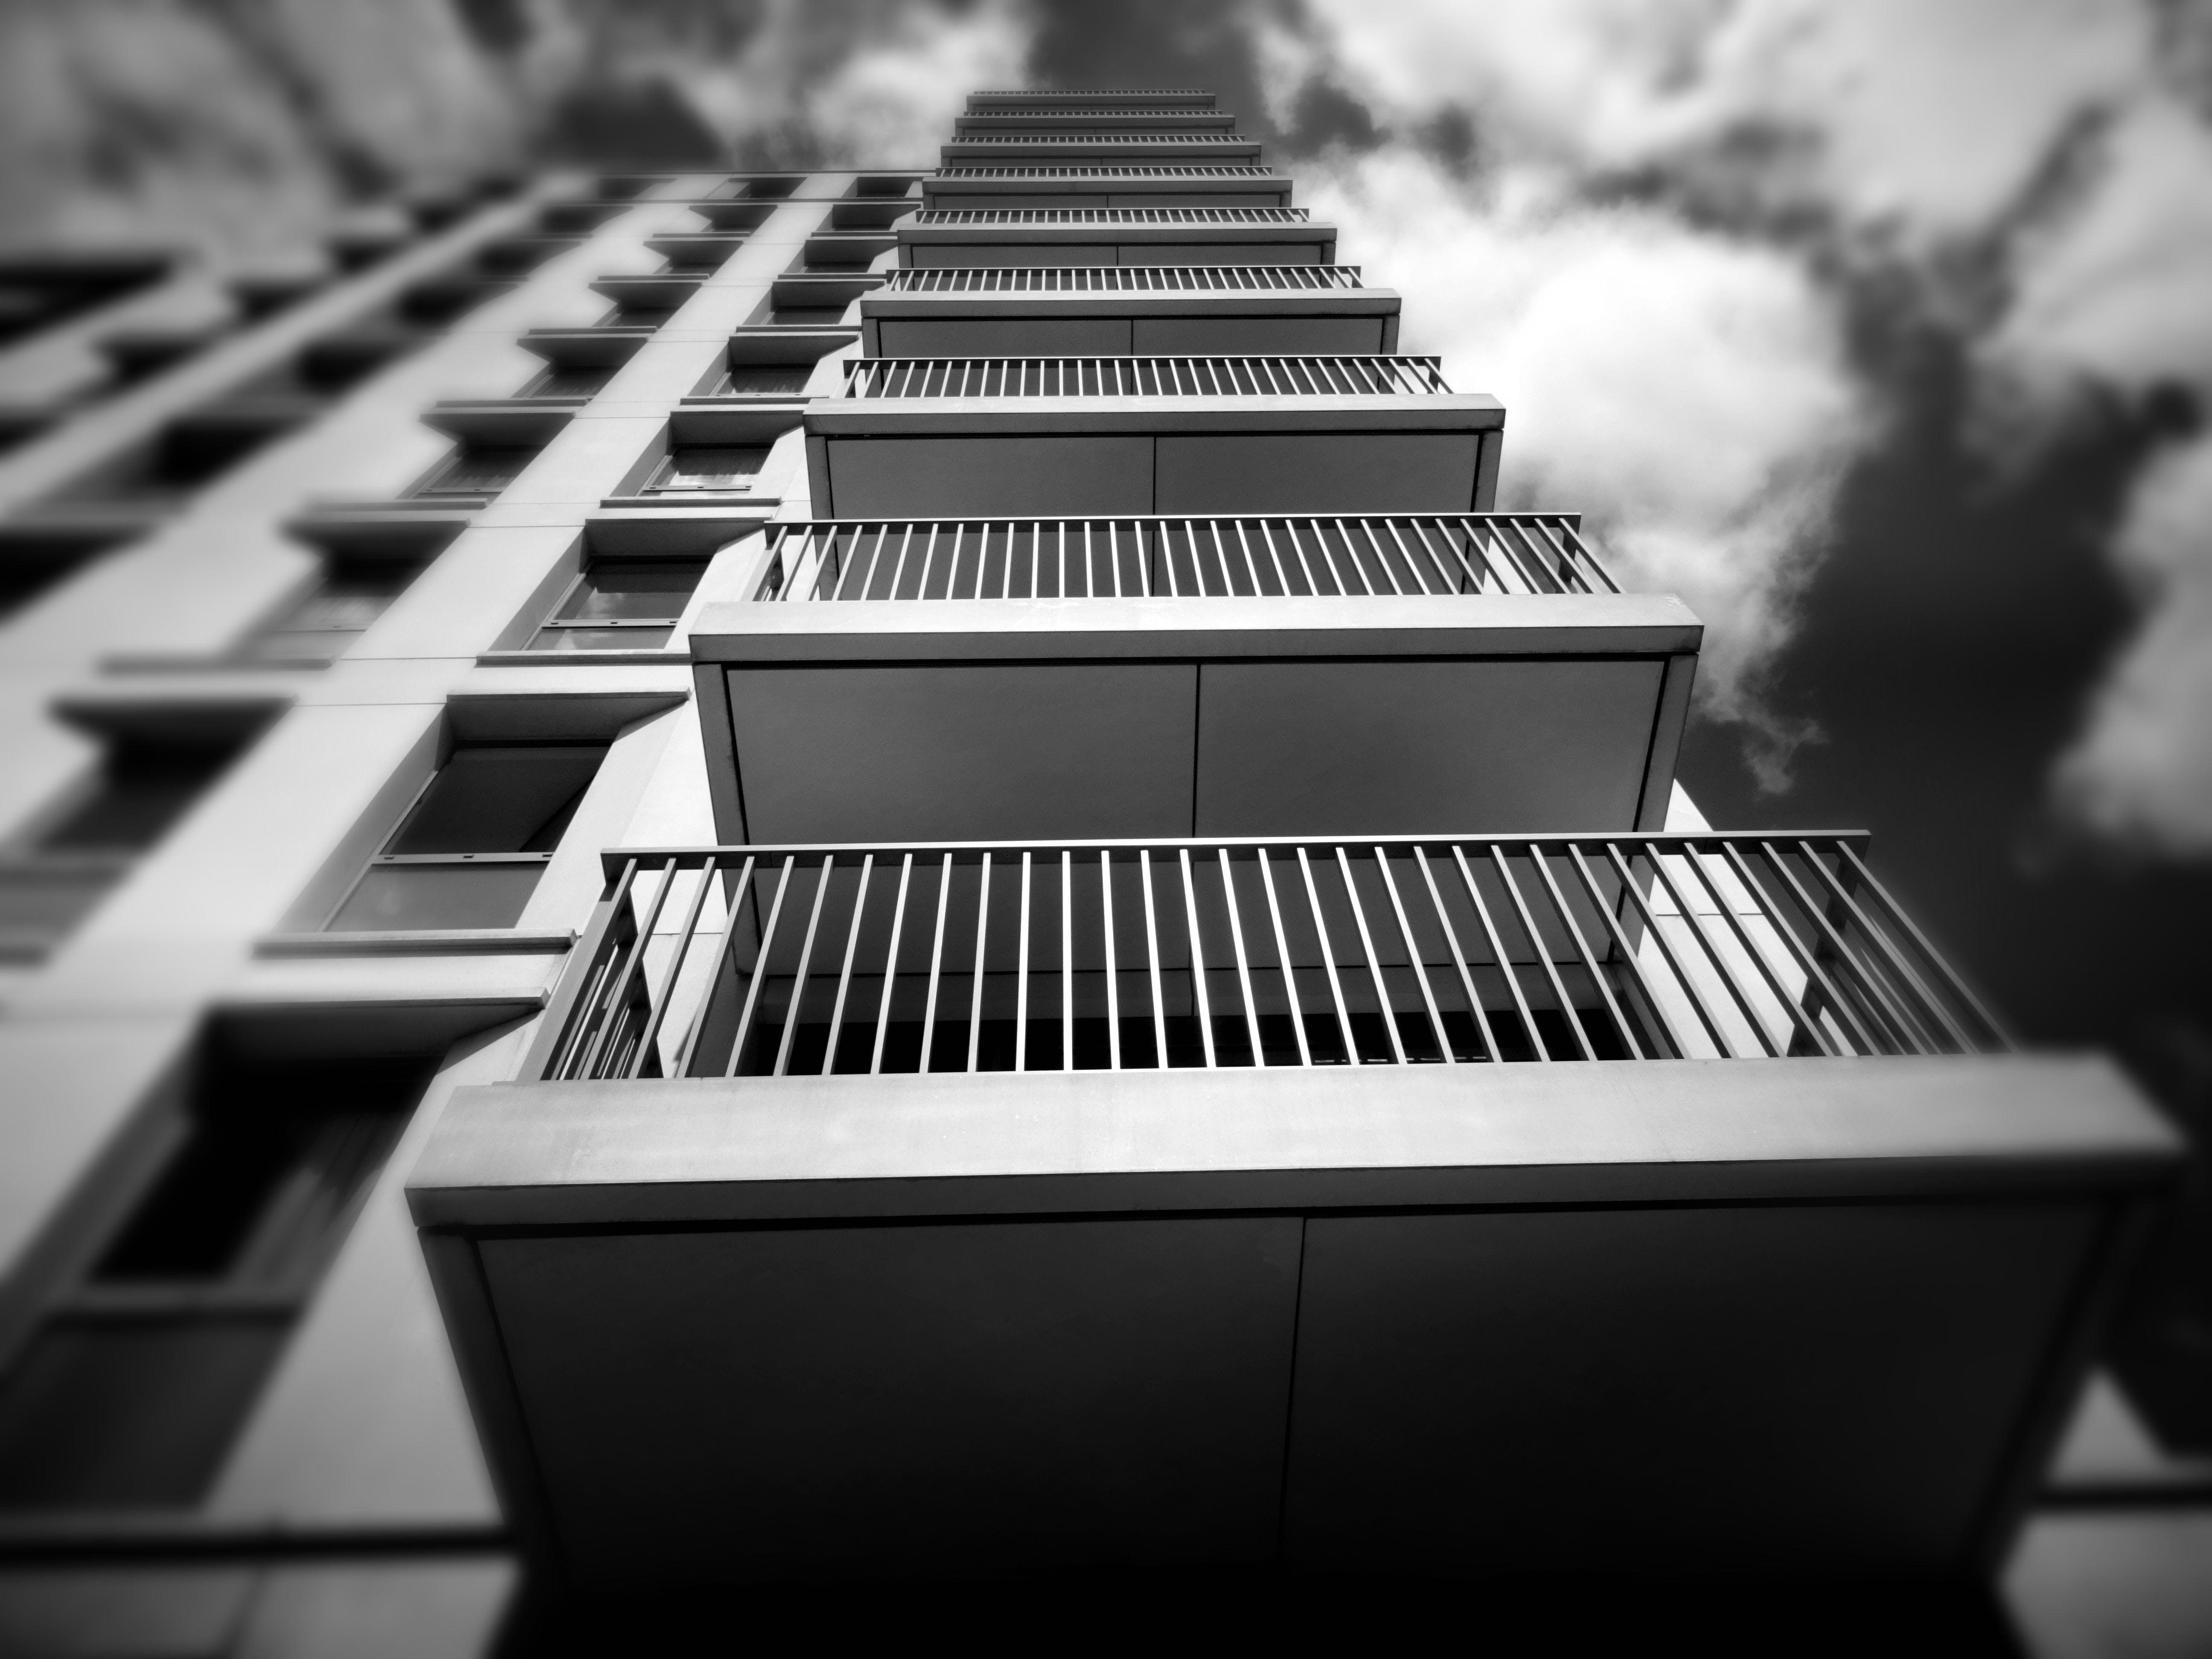 Kostenloses Stock Foto zu architektur, architekturdesign, aufnahme von unten, balkon